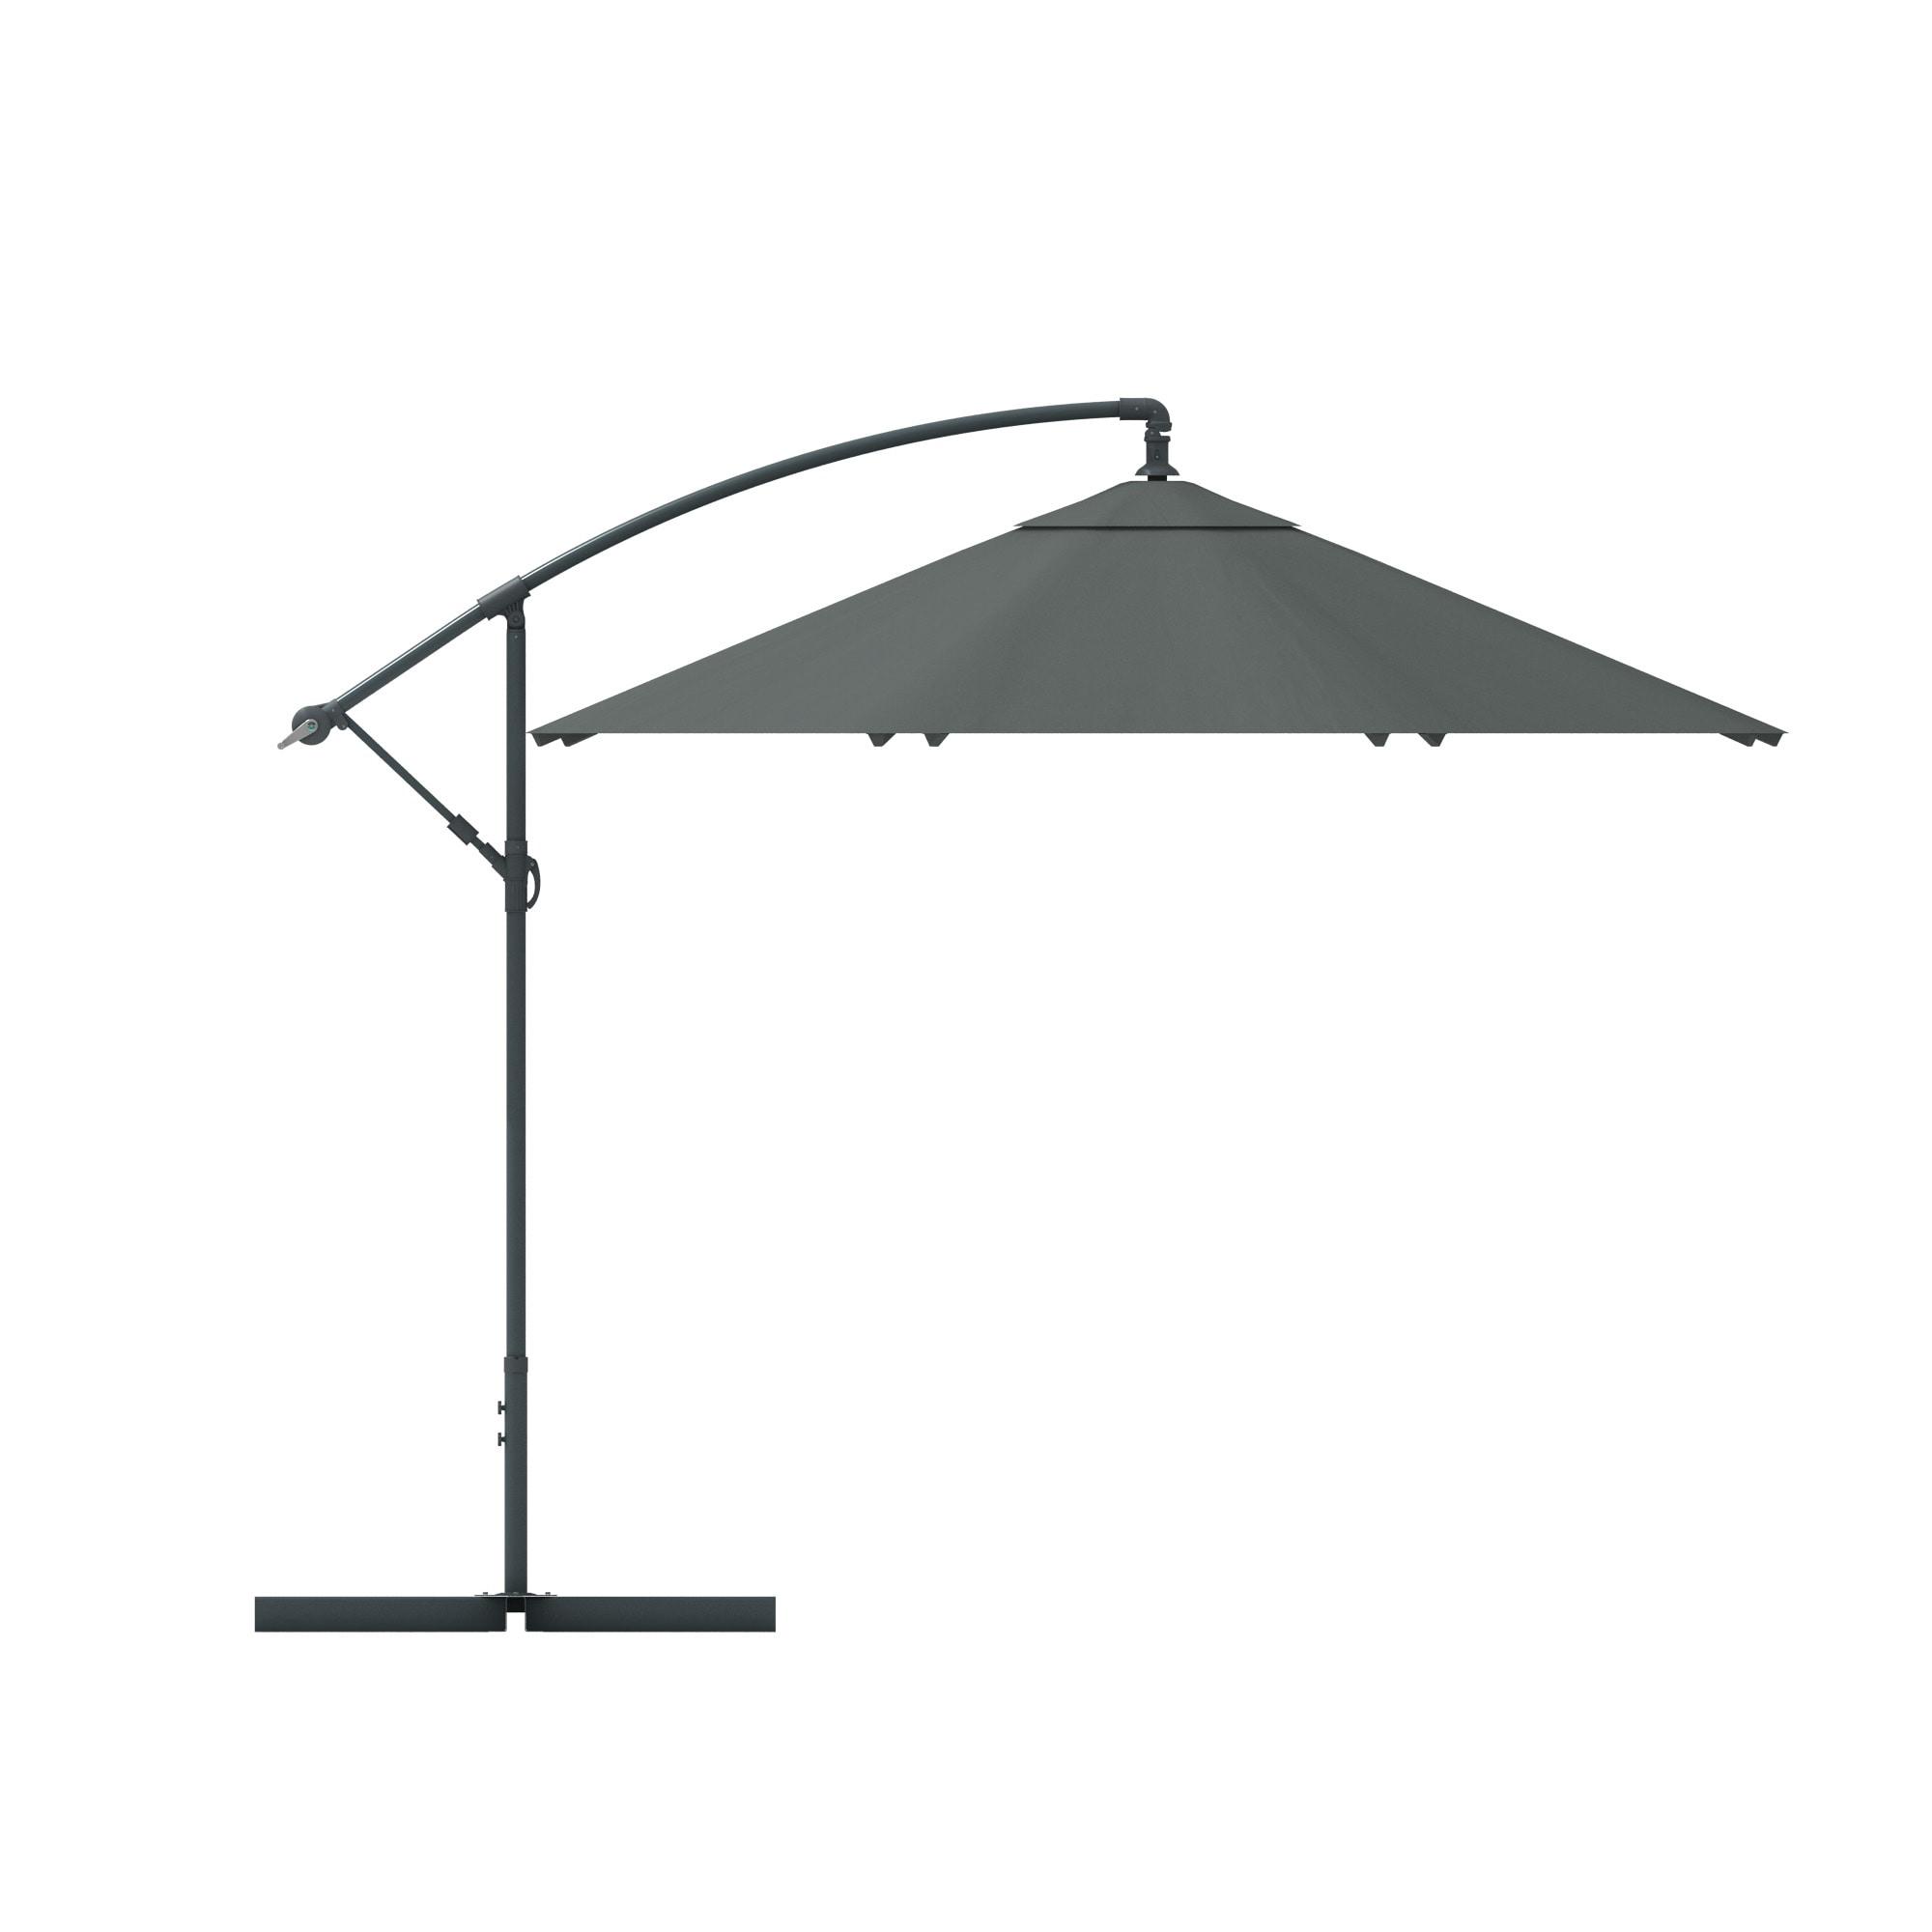 ampelschirm 3m sonnenschirm rund alu gartenschirm marktschirm sonnenschutz ebay. Black Bedroom Furniture Sets. Home Design Ideas